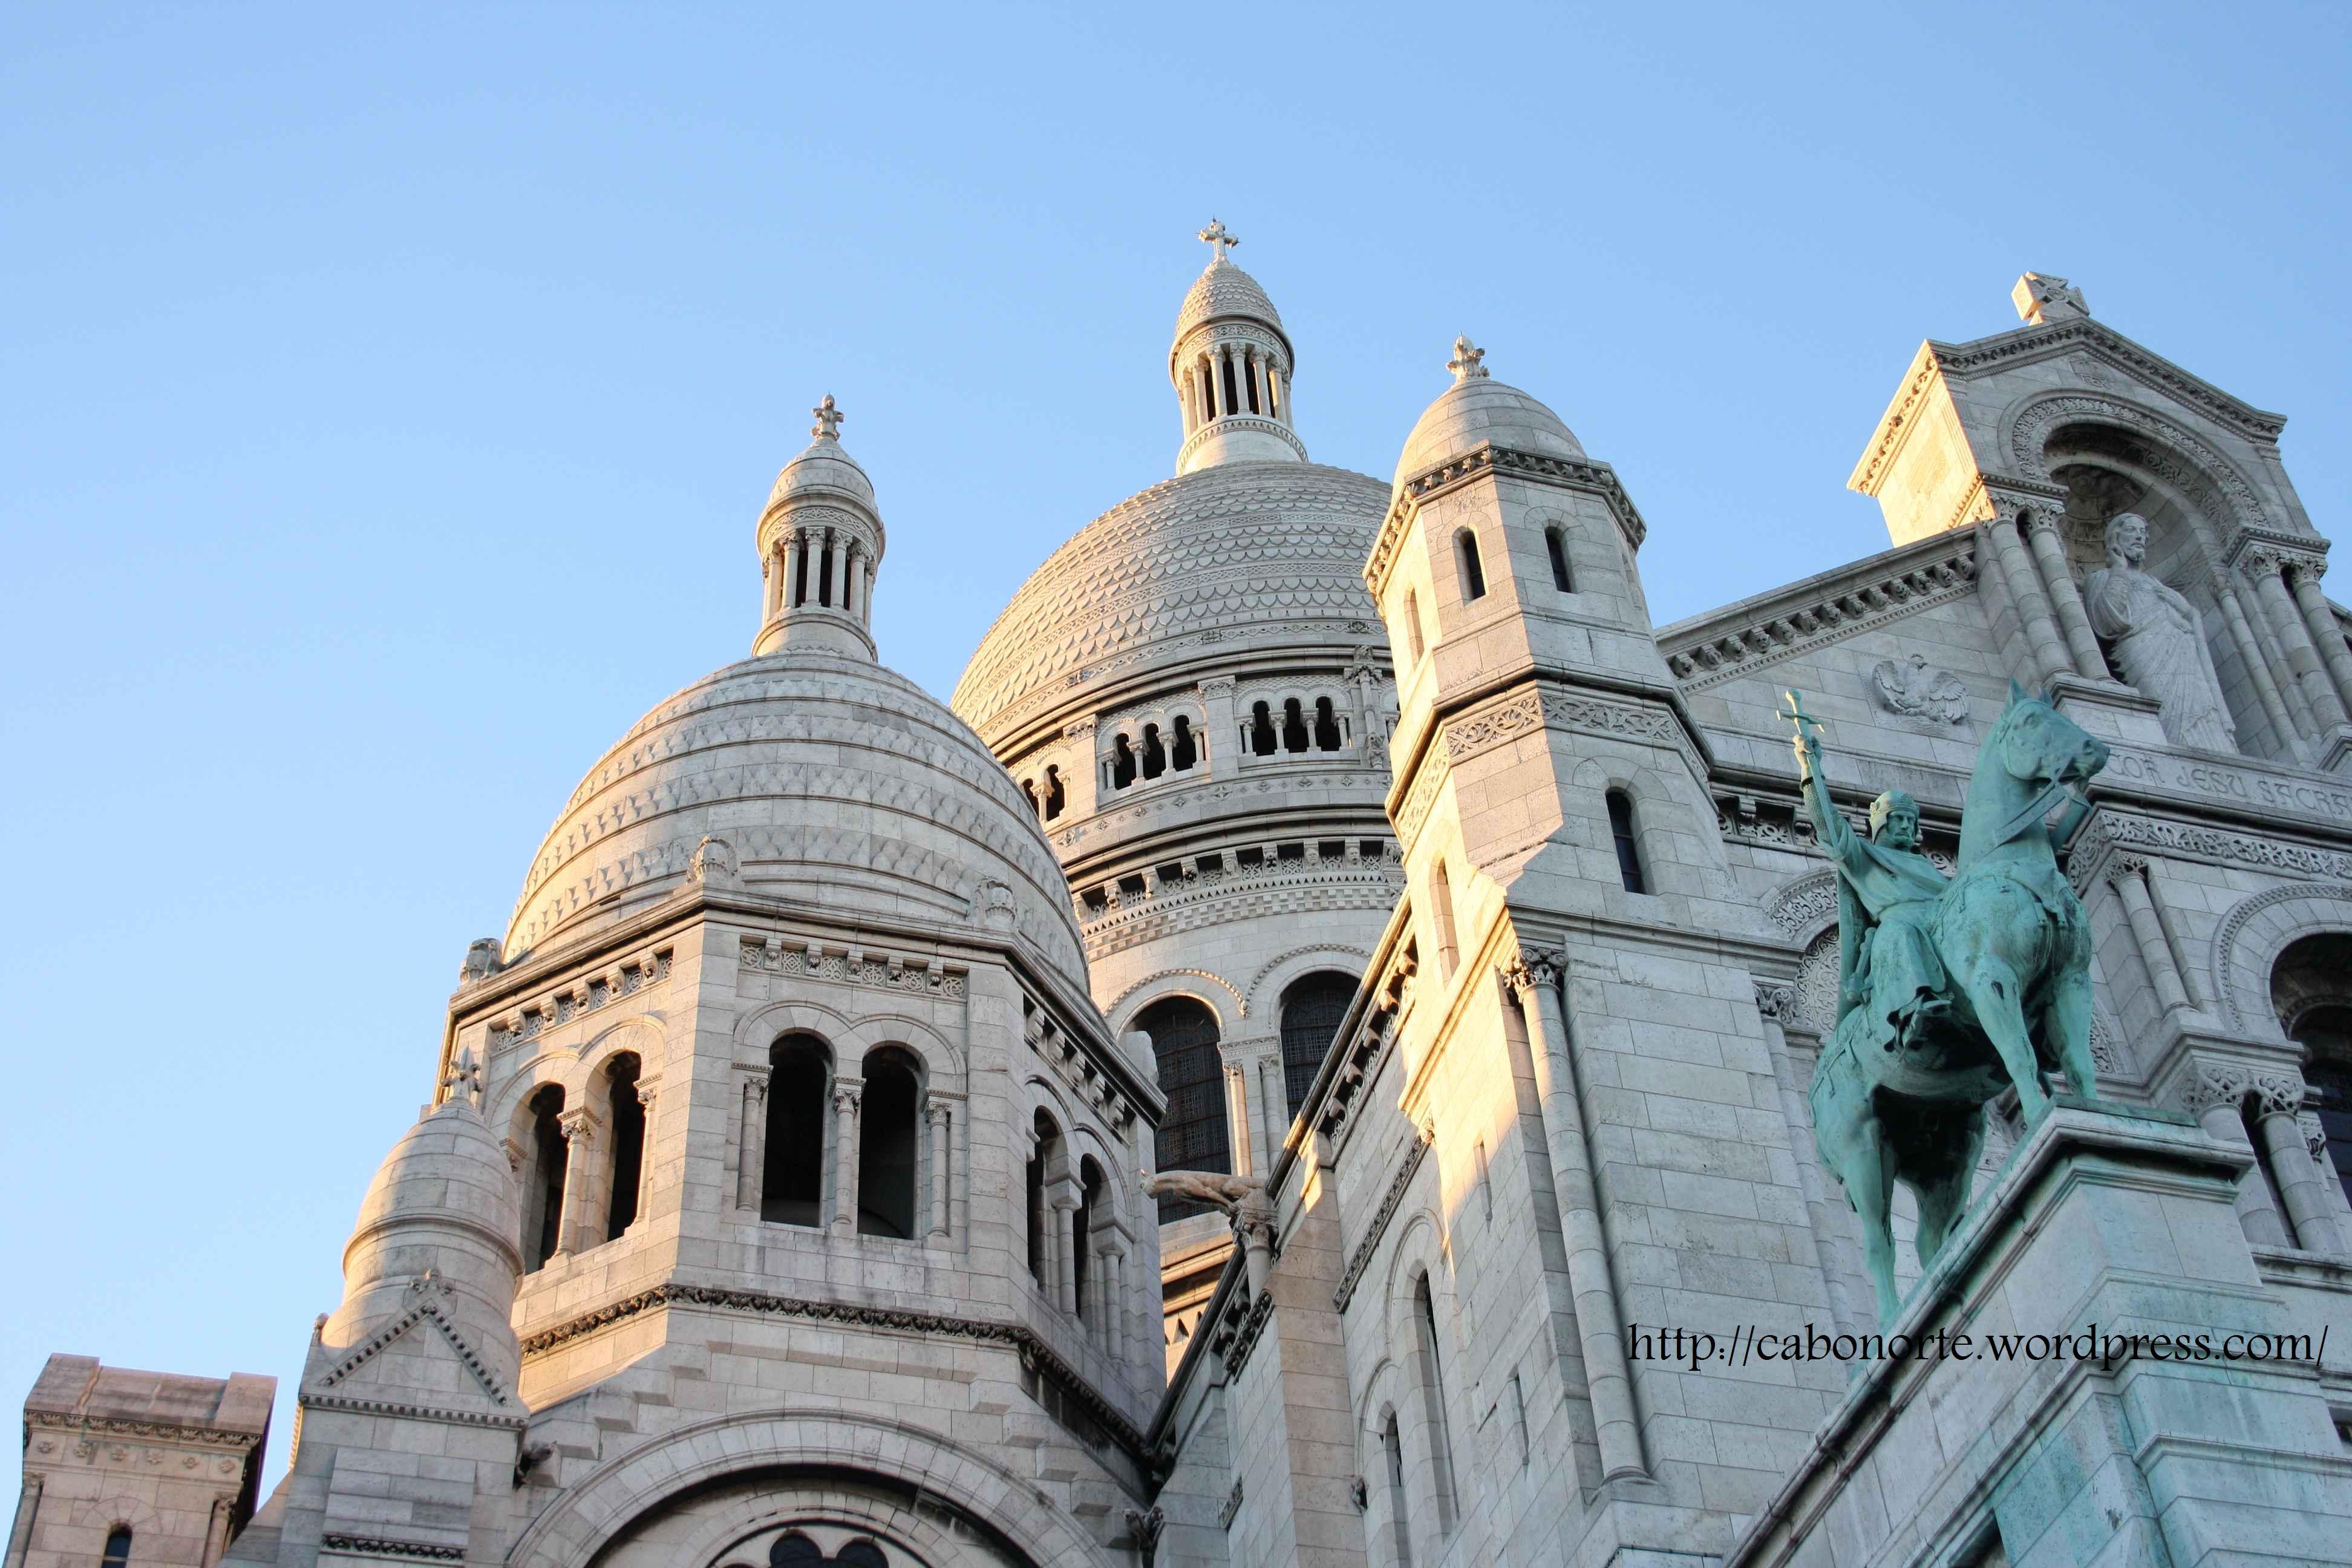 Detalle da Basílica do Sacré Coeur de París. Xullo de 2010